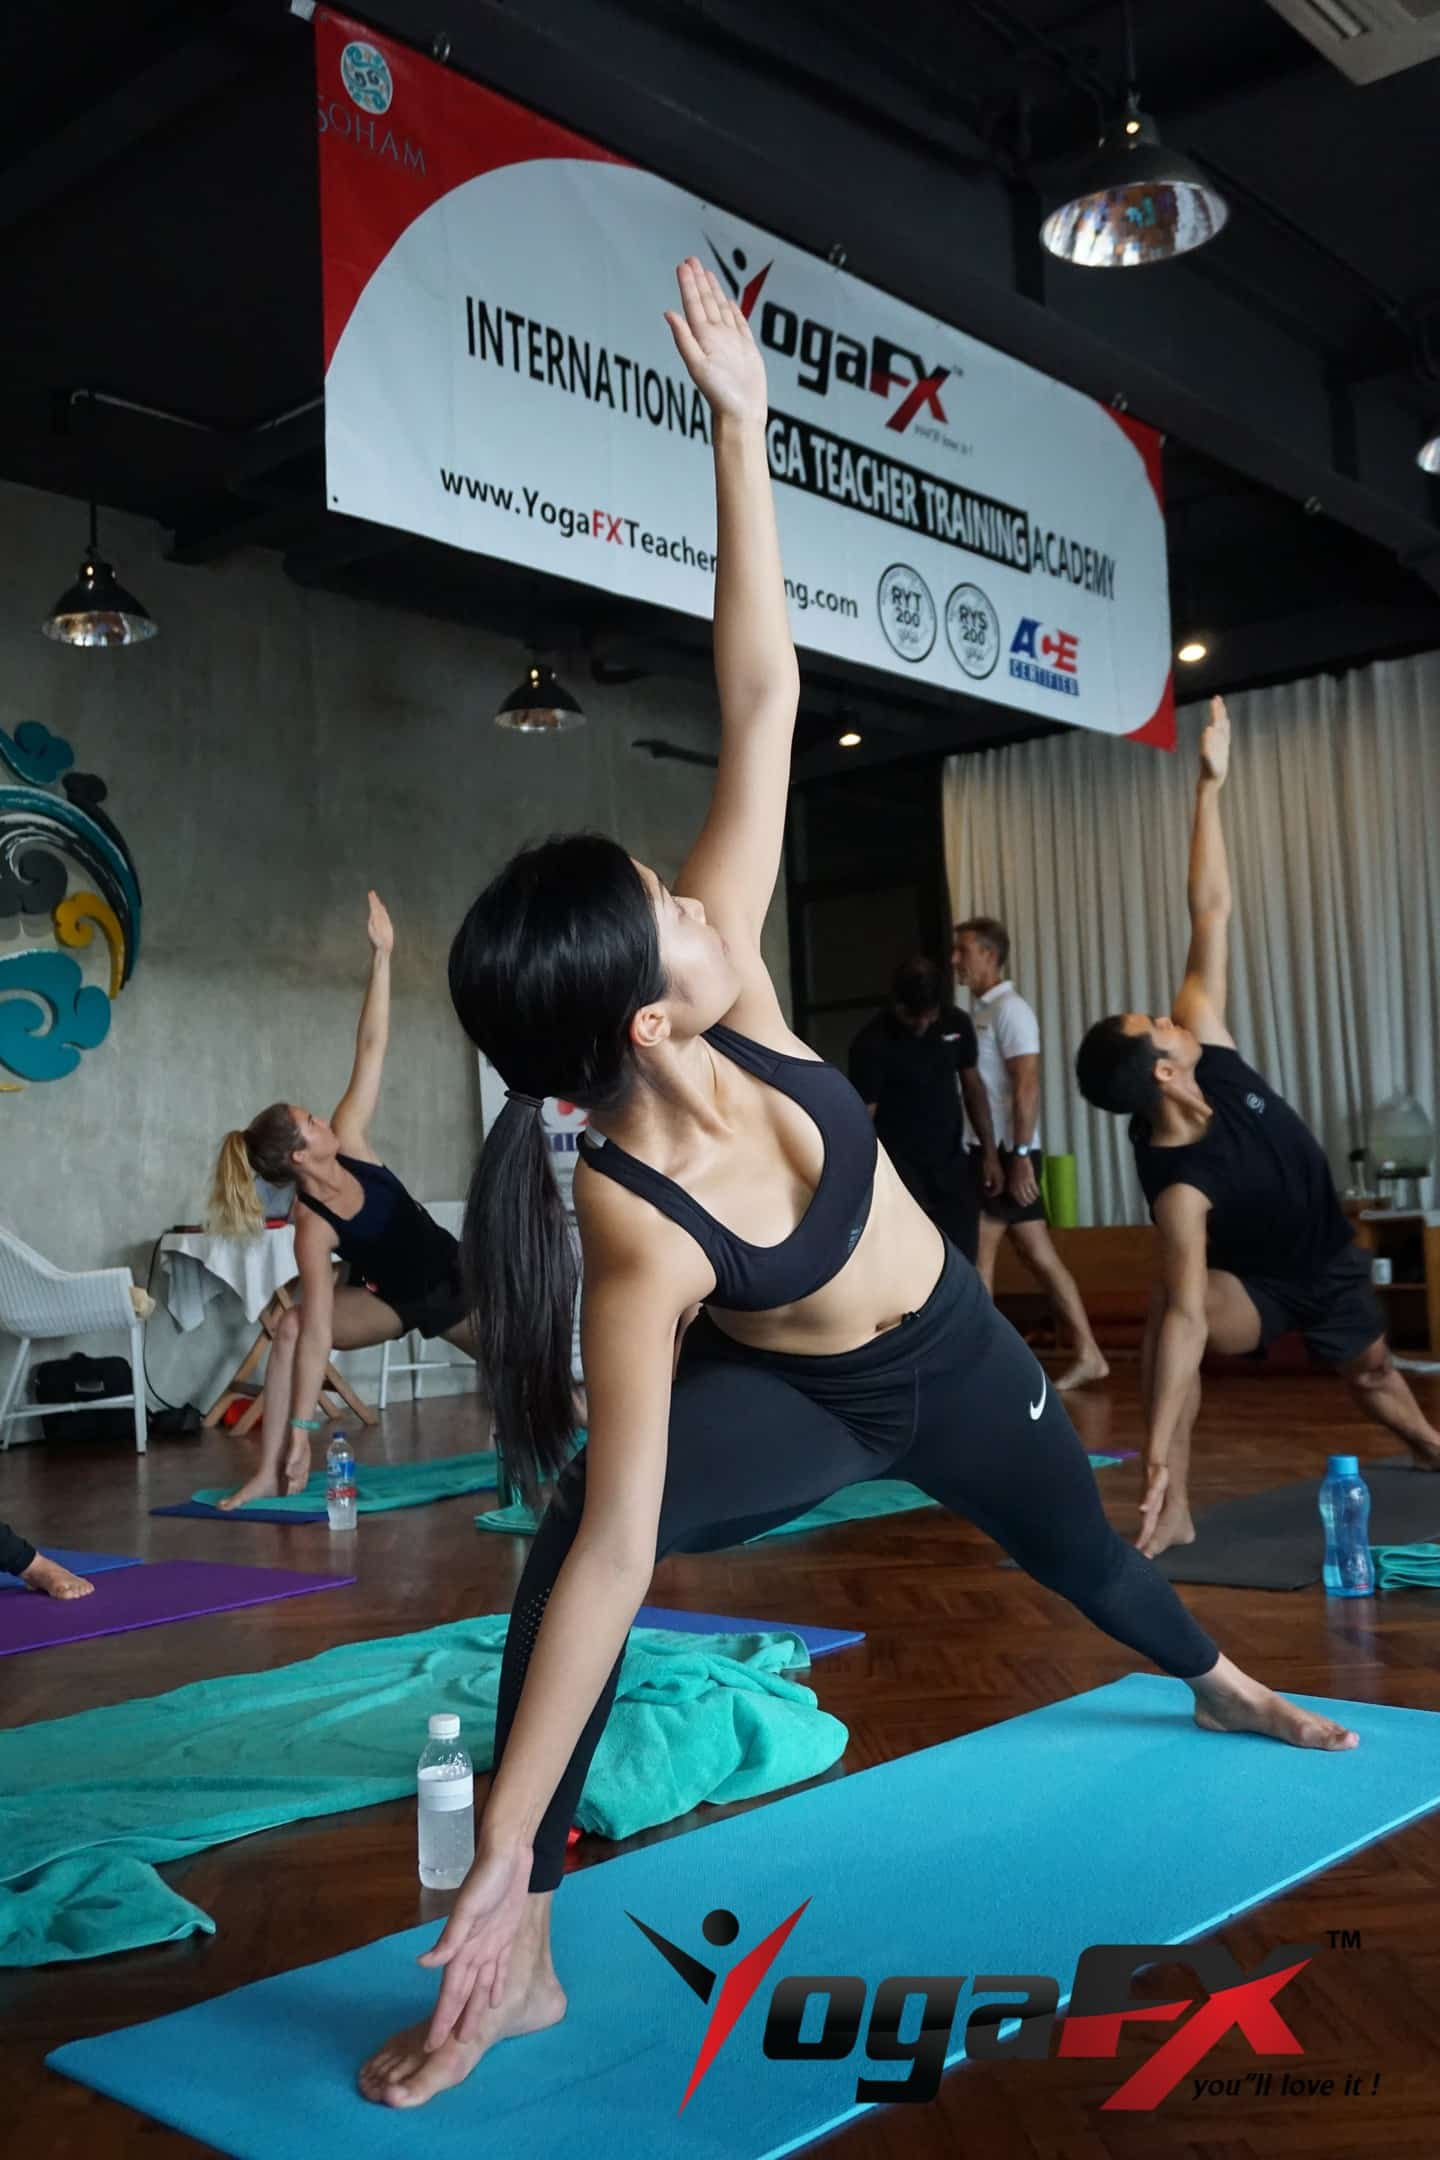 bikram yoga event